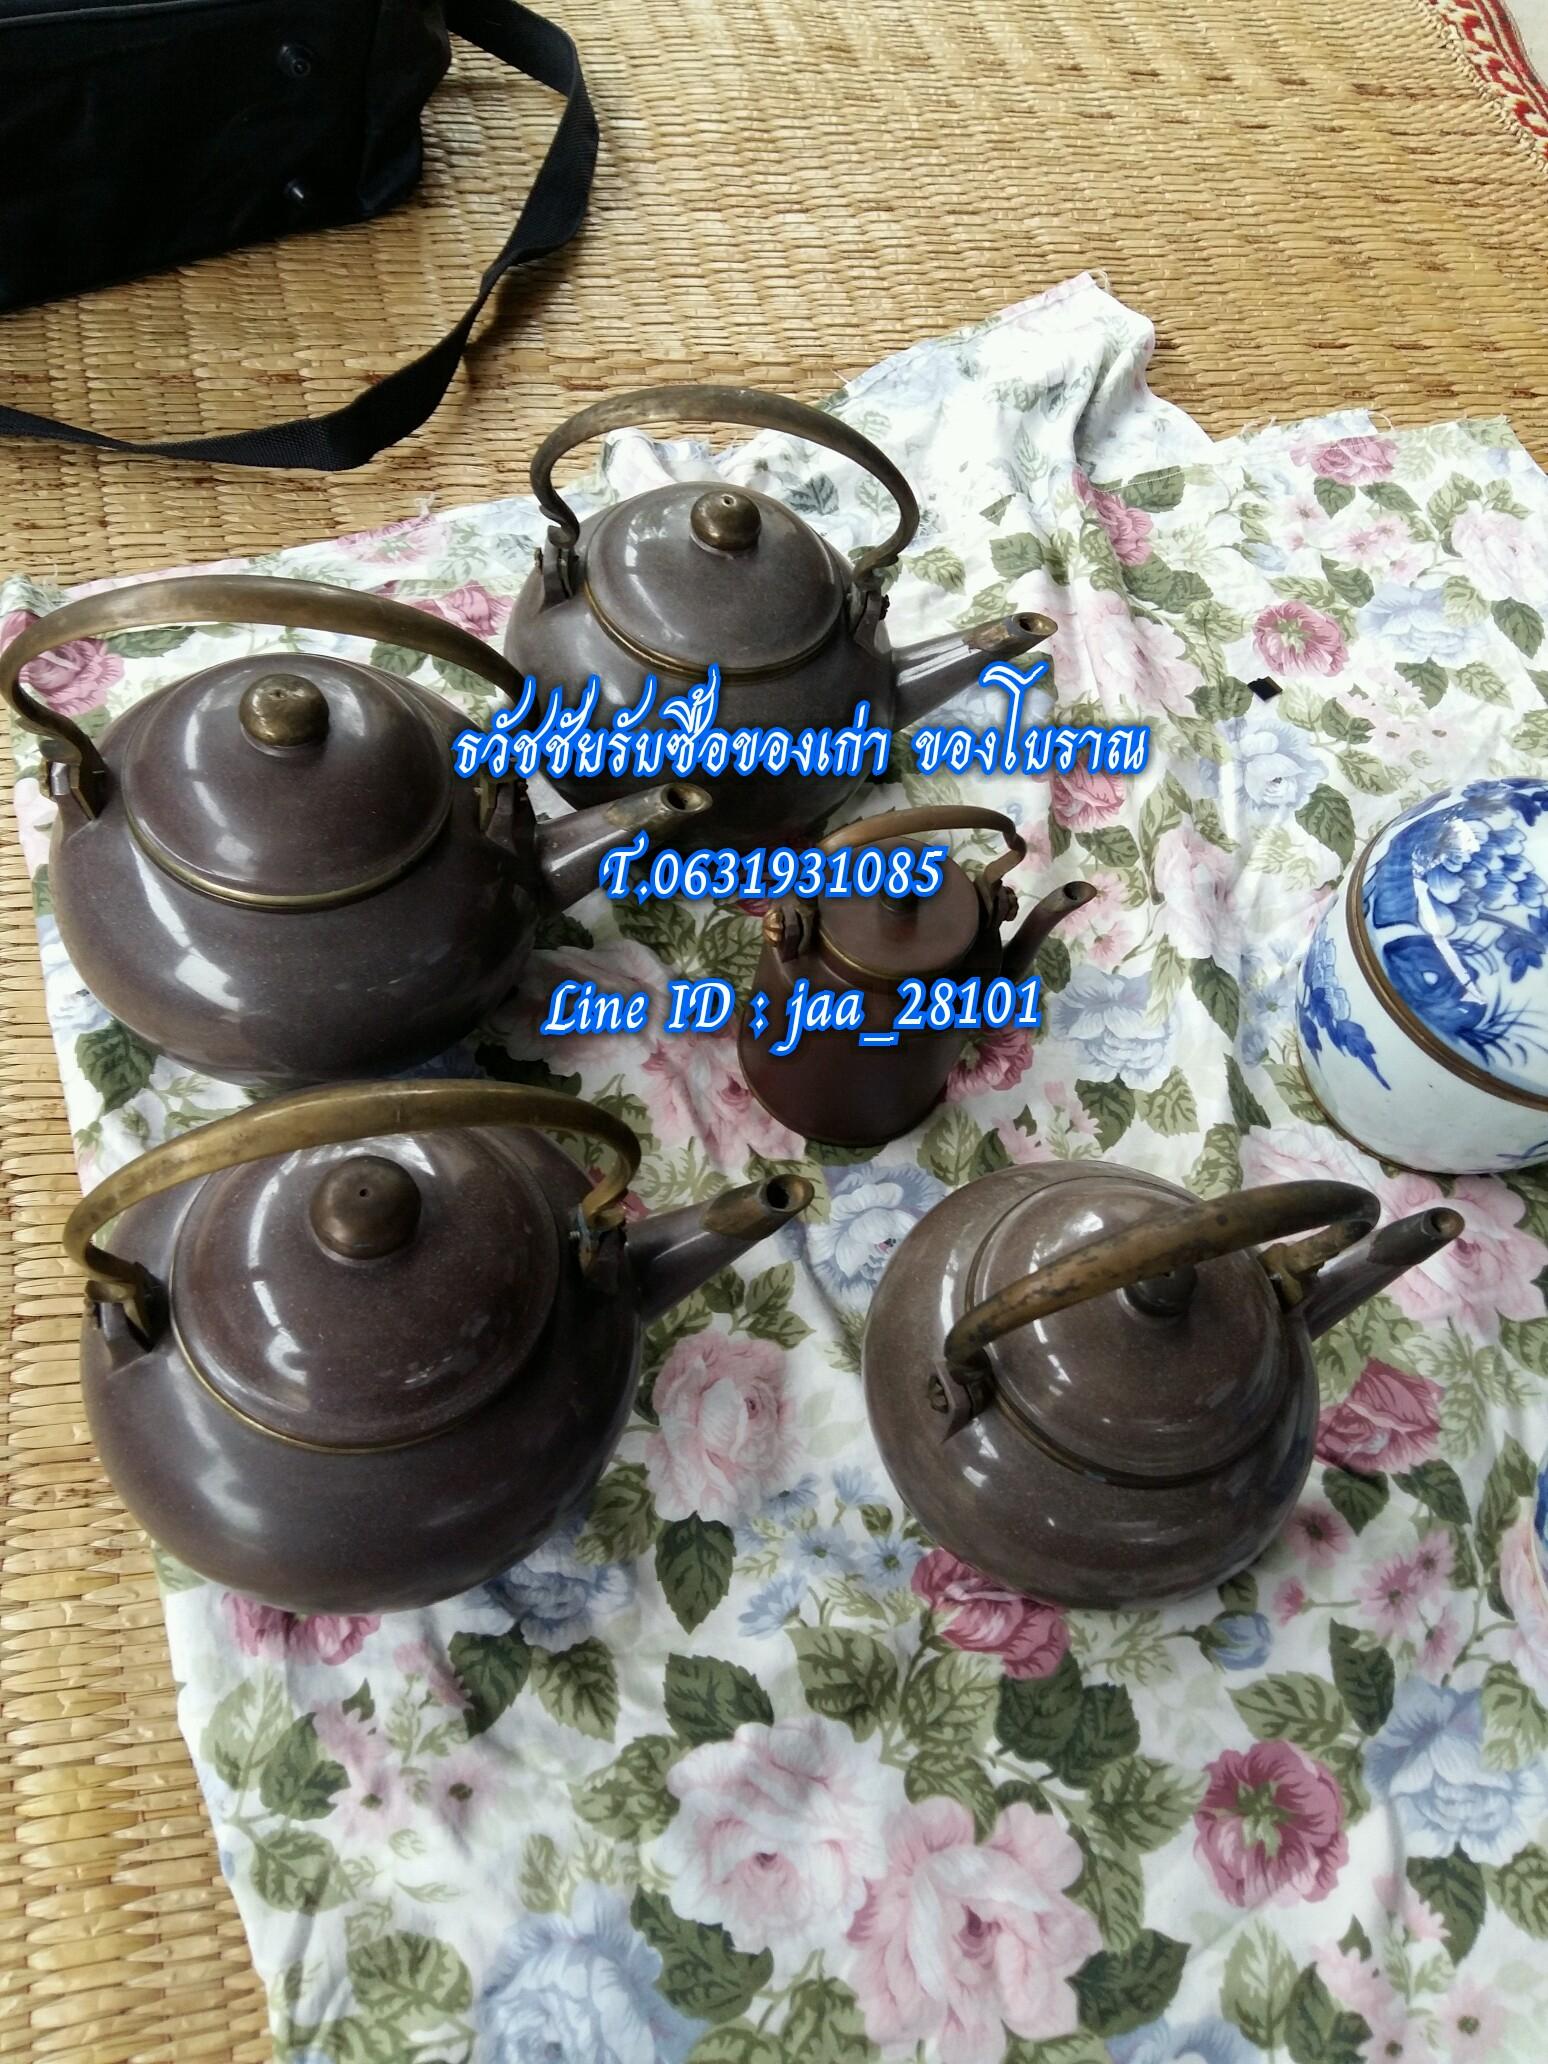 รับซื้อกาน้ำชาเก่า รับซื้อปั้นชาเก่า รับซื้อชุดน้ำชาจีน รับซื้อของโบราณ รับซื้อชุดชาจักรกรี รับซื้อของโบราณถึงบ้าน